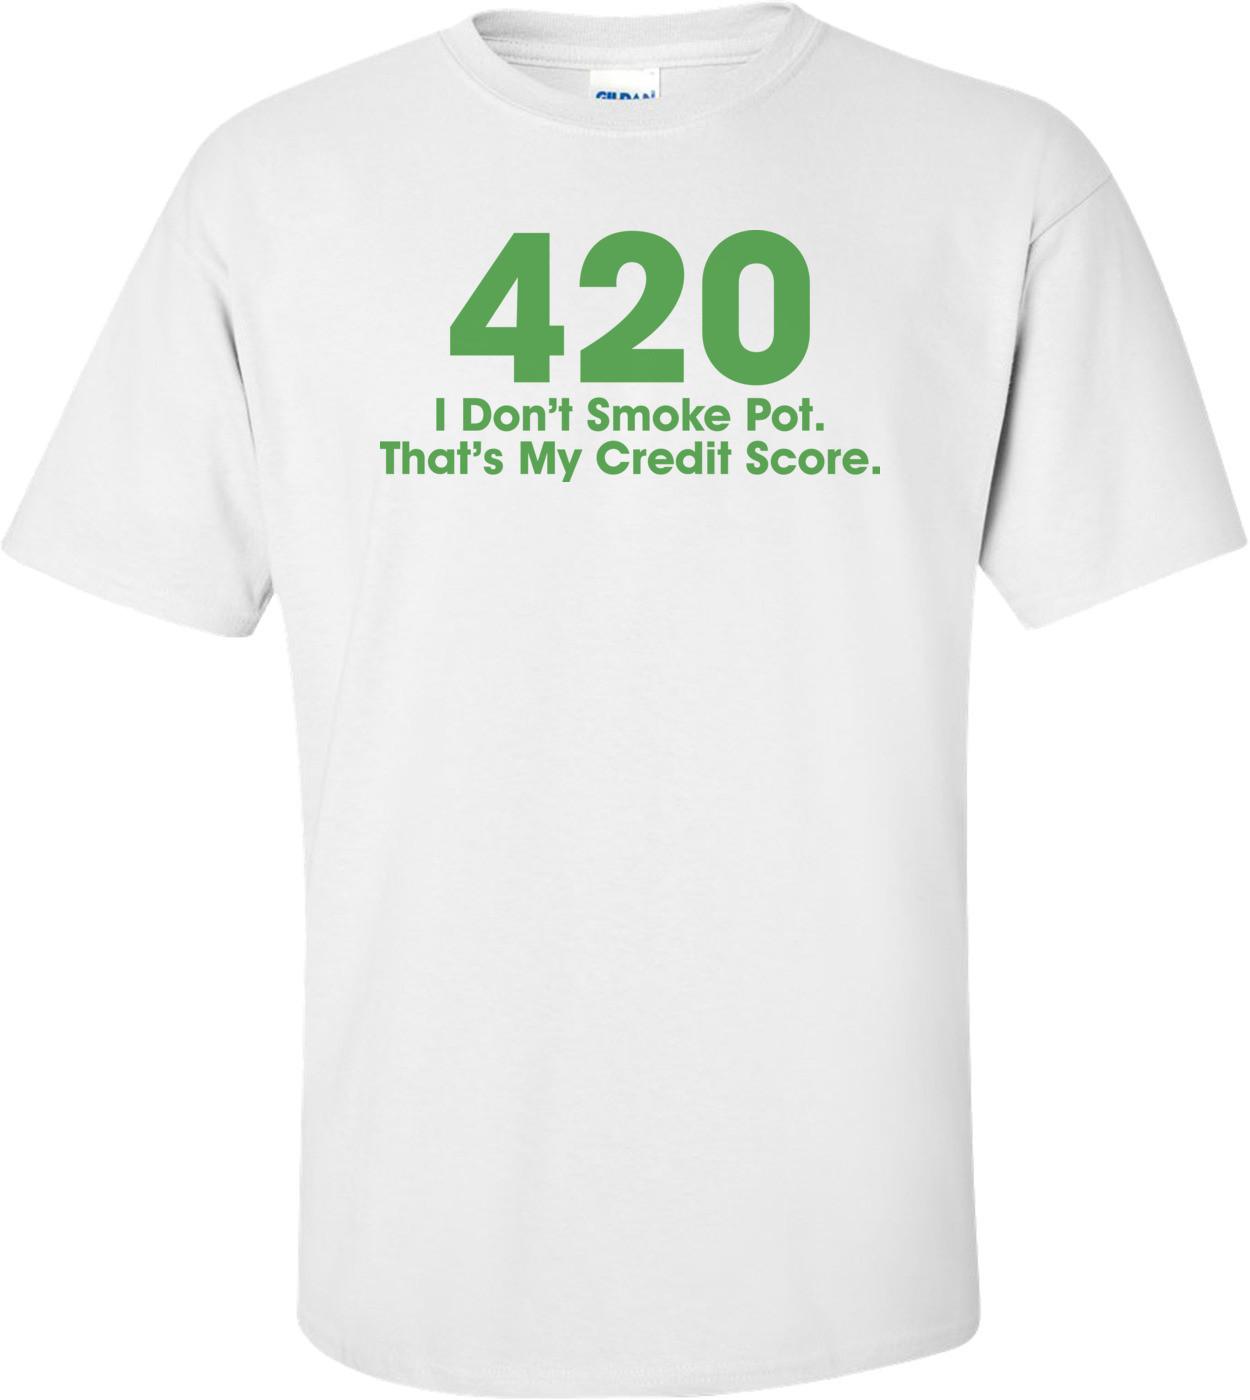 420 I Don't Smoke Pot That's My Credit Score T-shirt